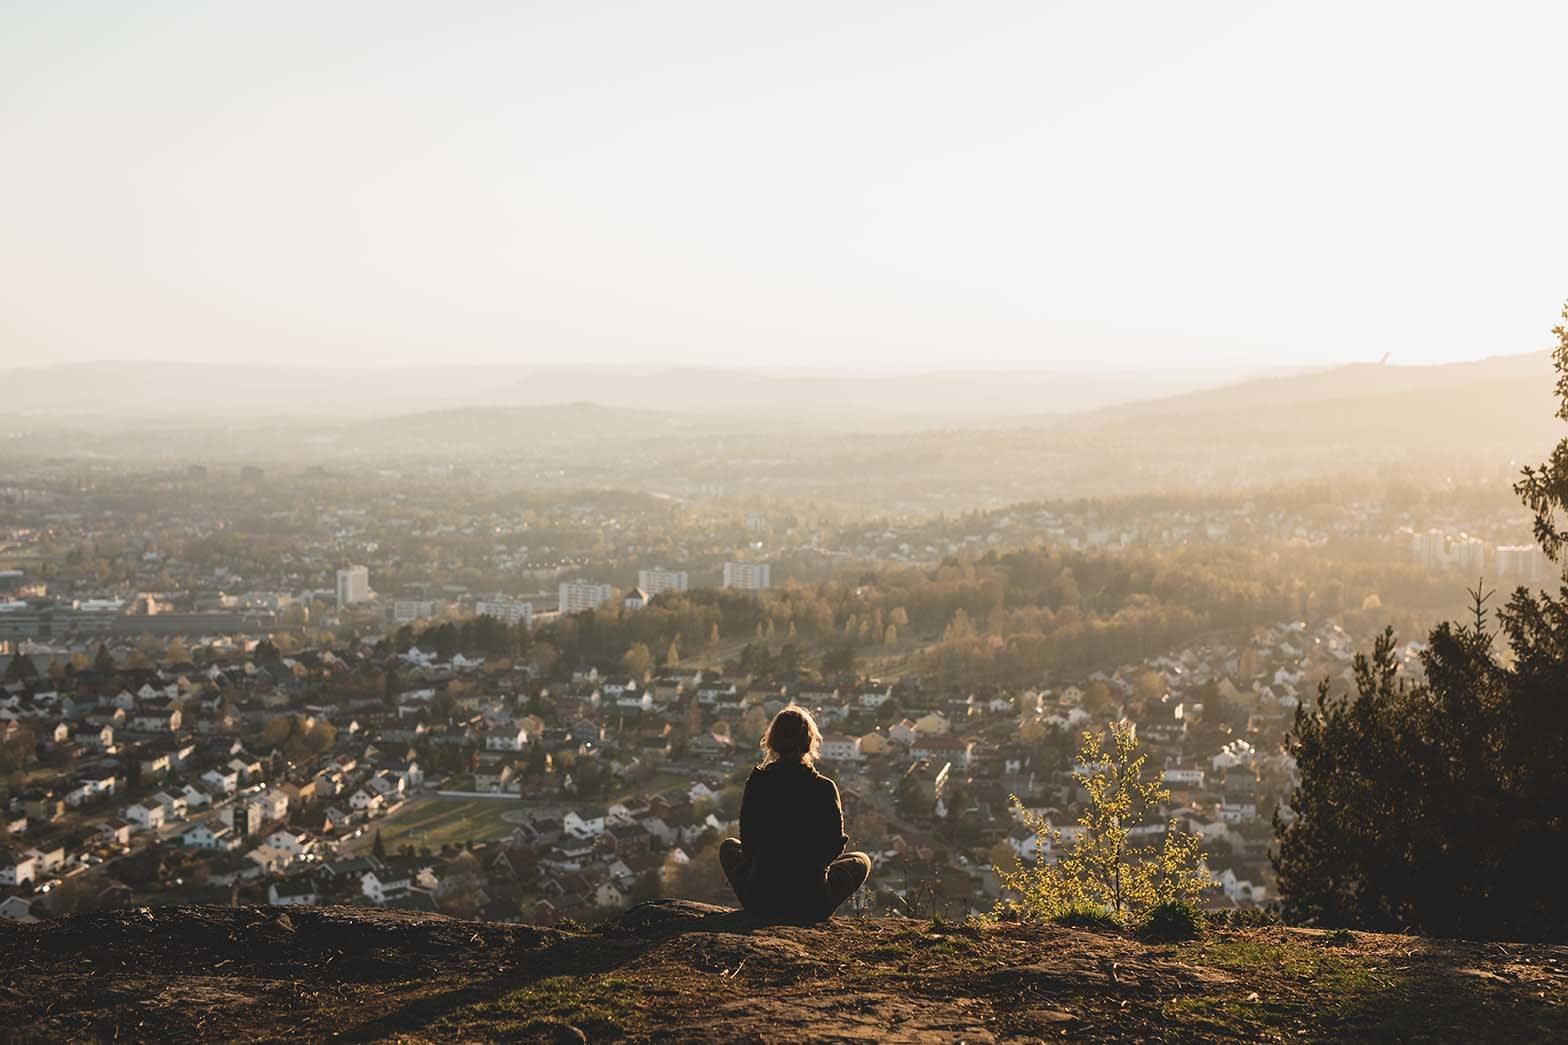 UTSIKT: Sigri Sandberg likar stader ho kan sjå langt og har funne seg ein «hemmeleg» sti til dette utsiktspunktet på Grefsenkollen i Oslo. Her kan ein sjå langt når det er lyst og endå lenger når det er mørkt.